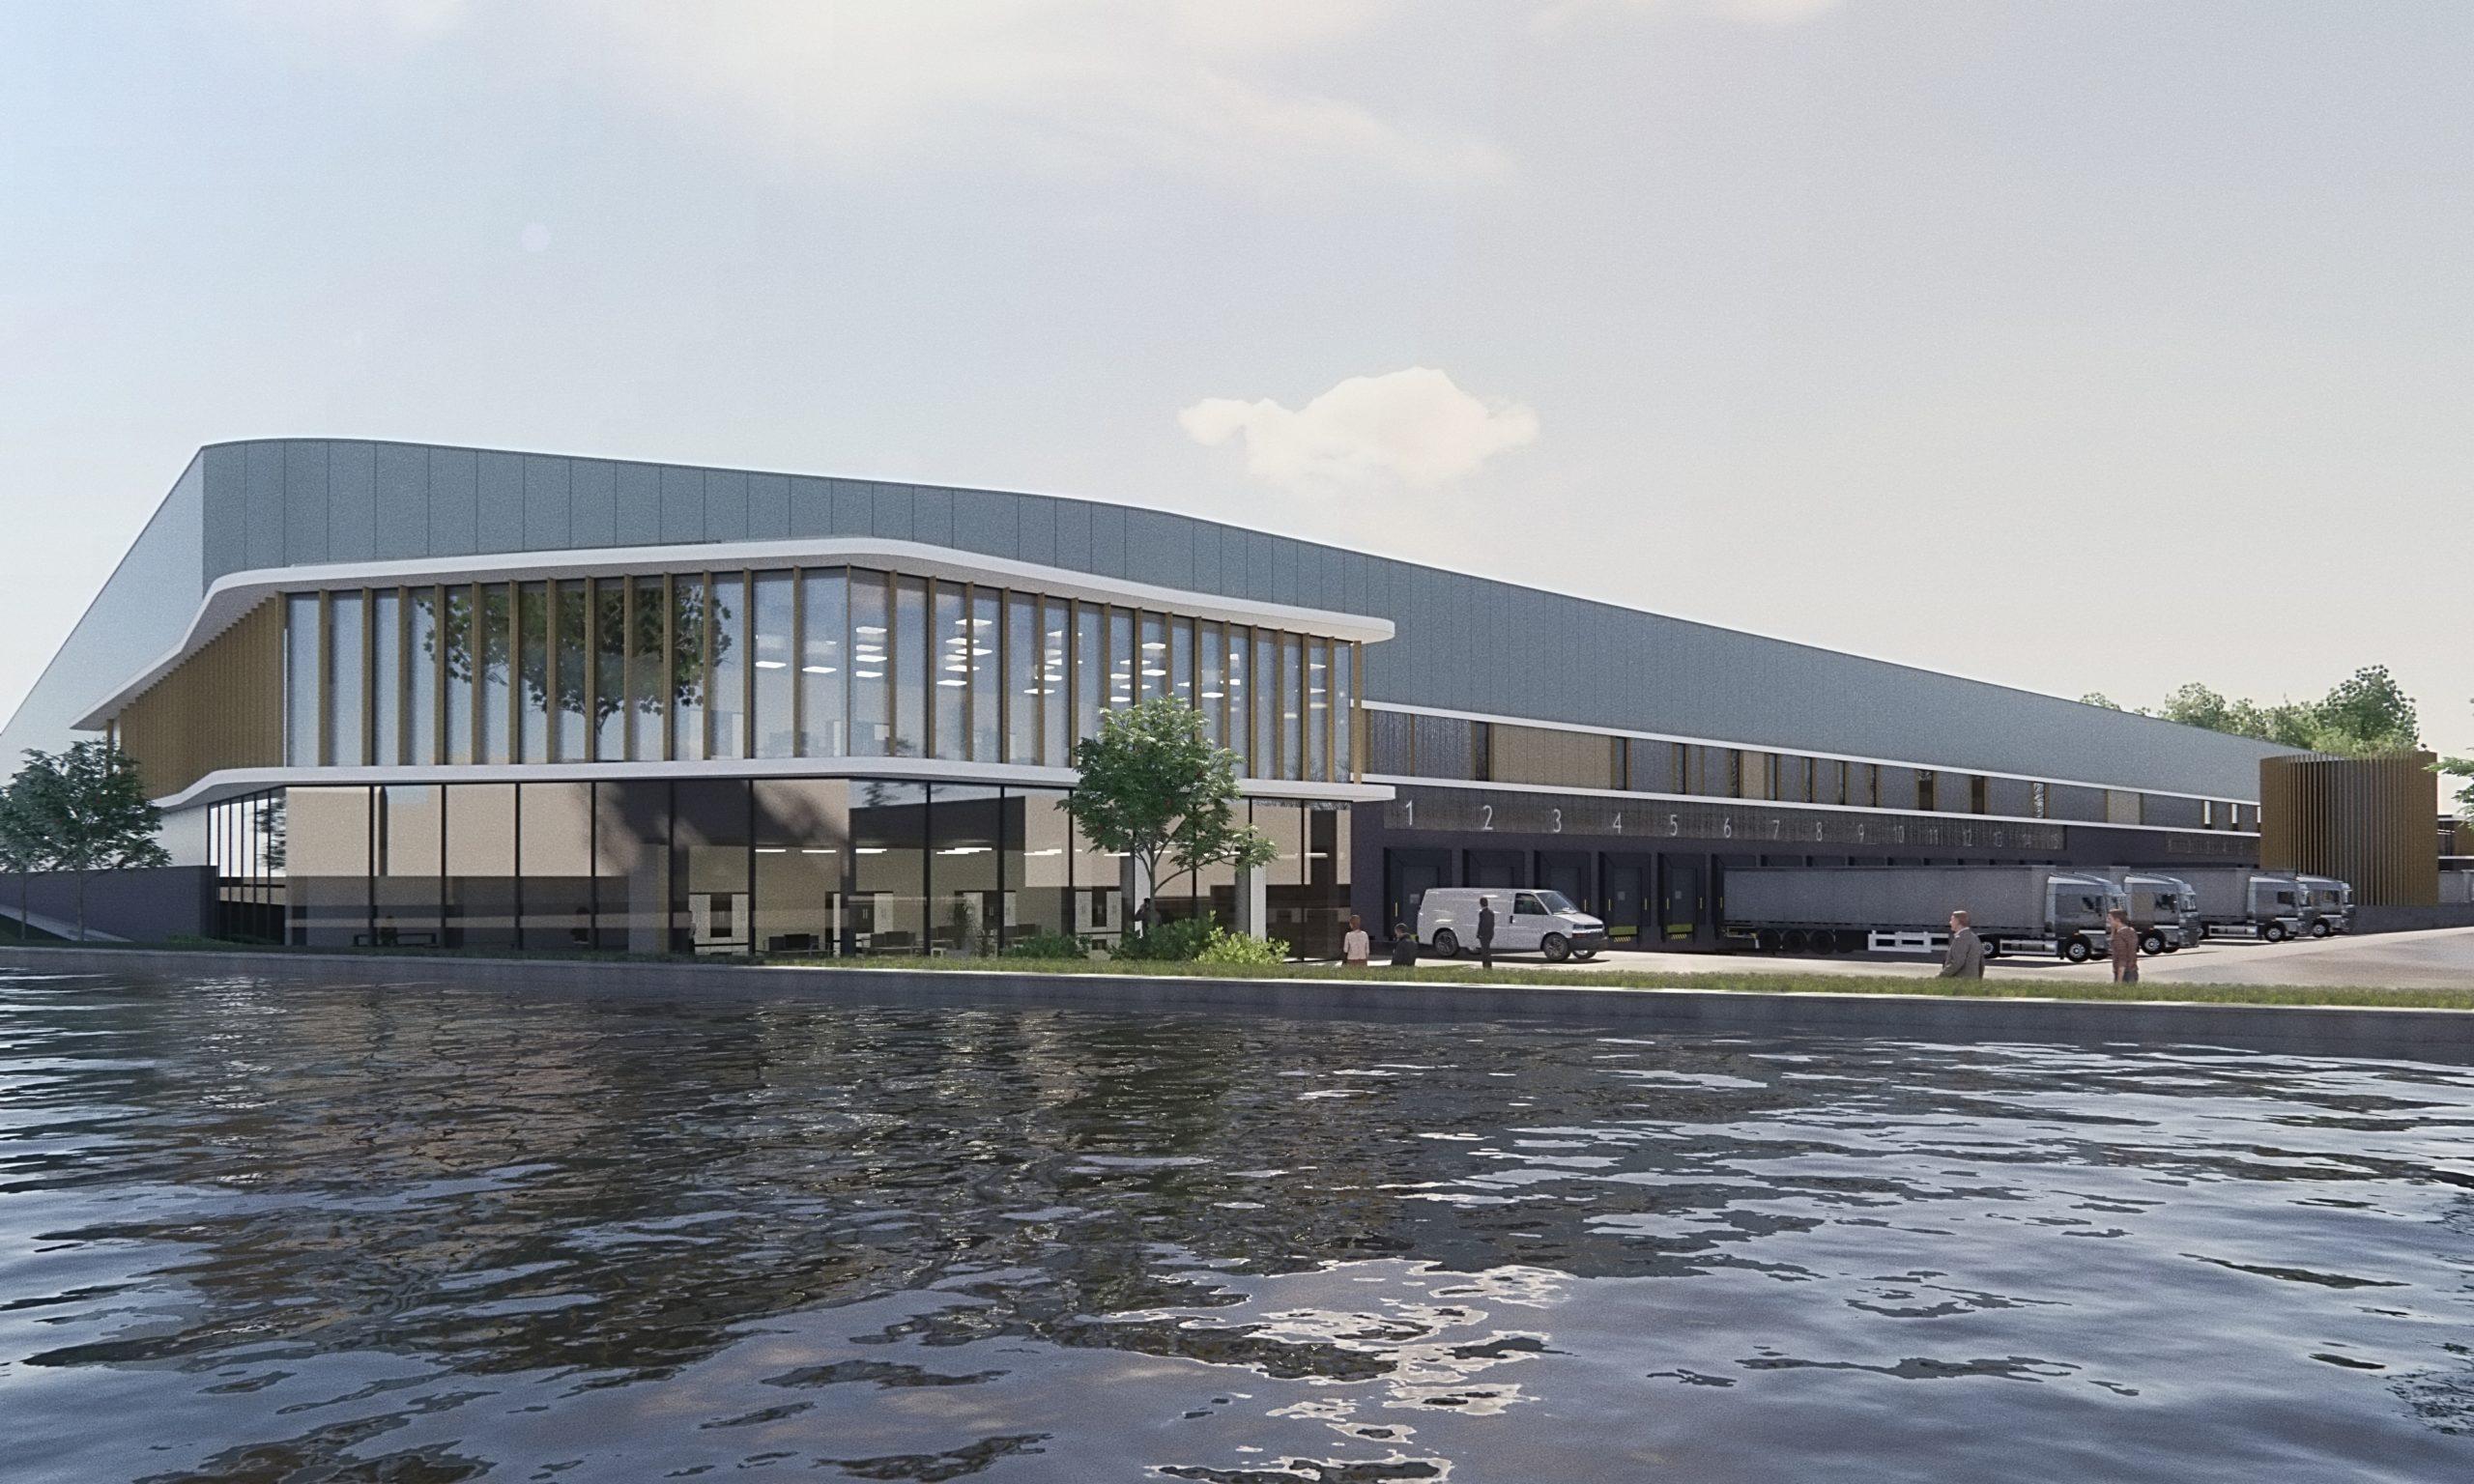 VDG Real Estate & Next Level ontwikkelen Warehouse Waalwijk van 34.000 m2